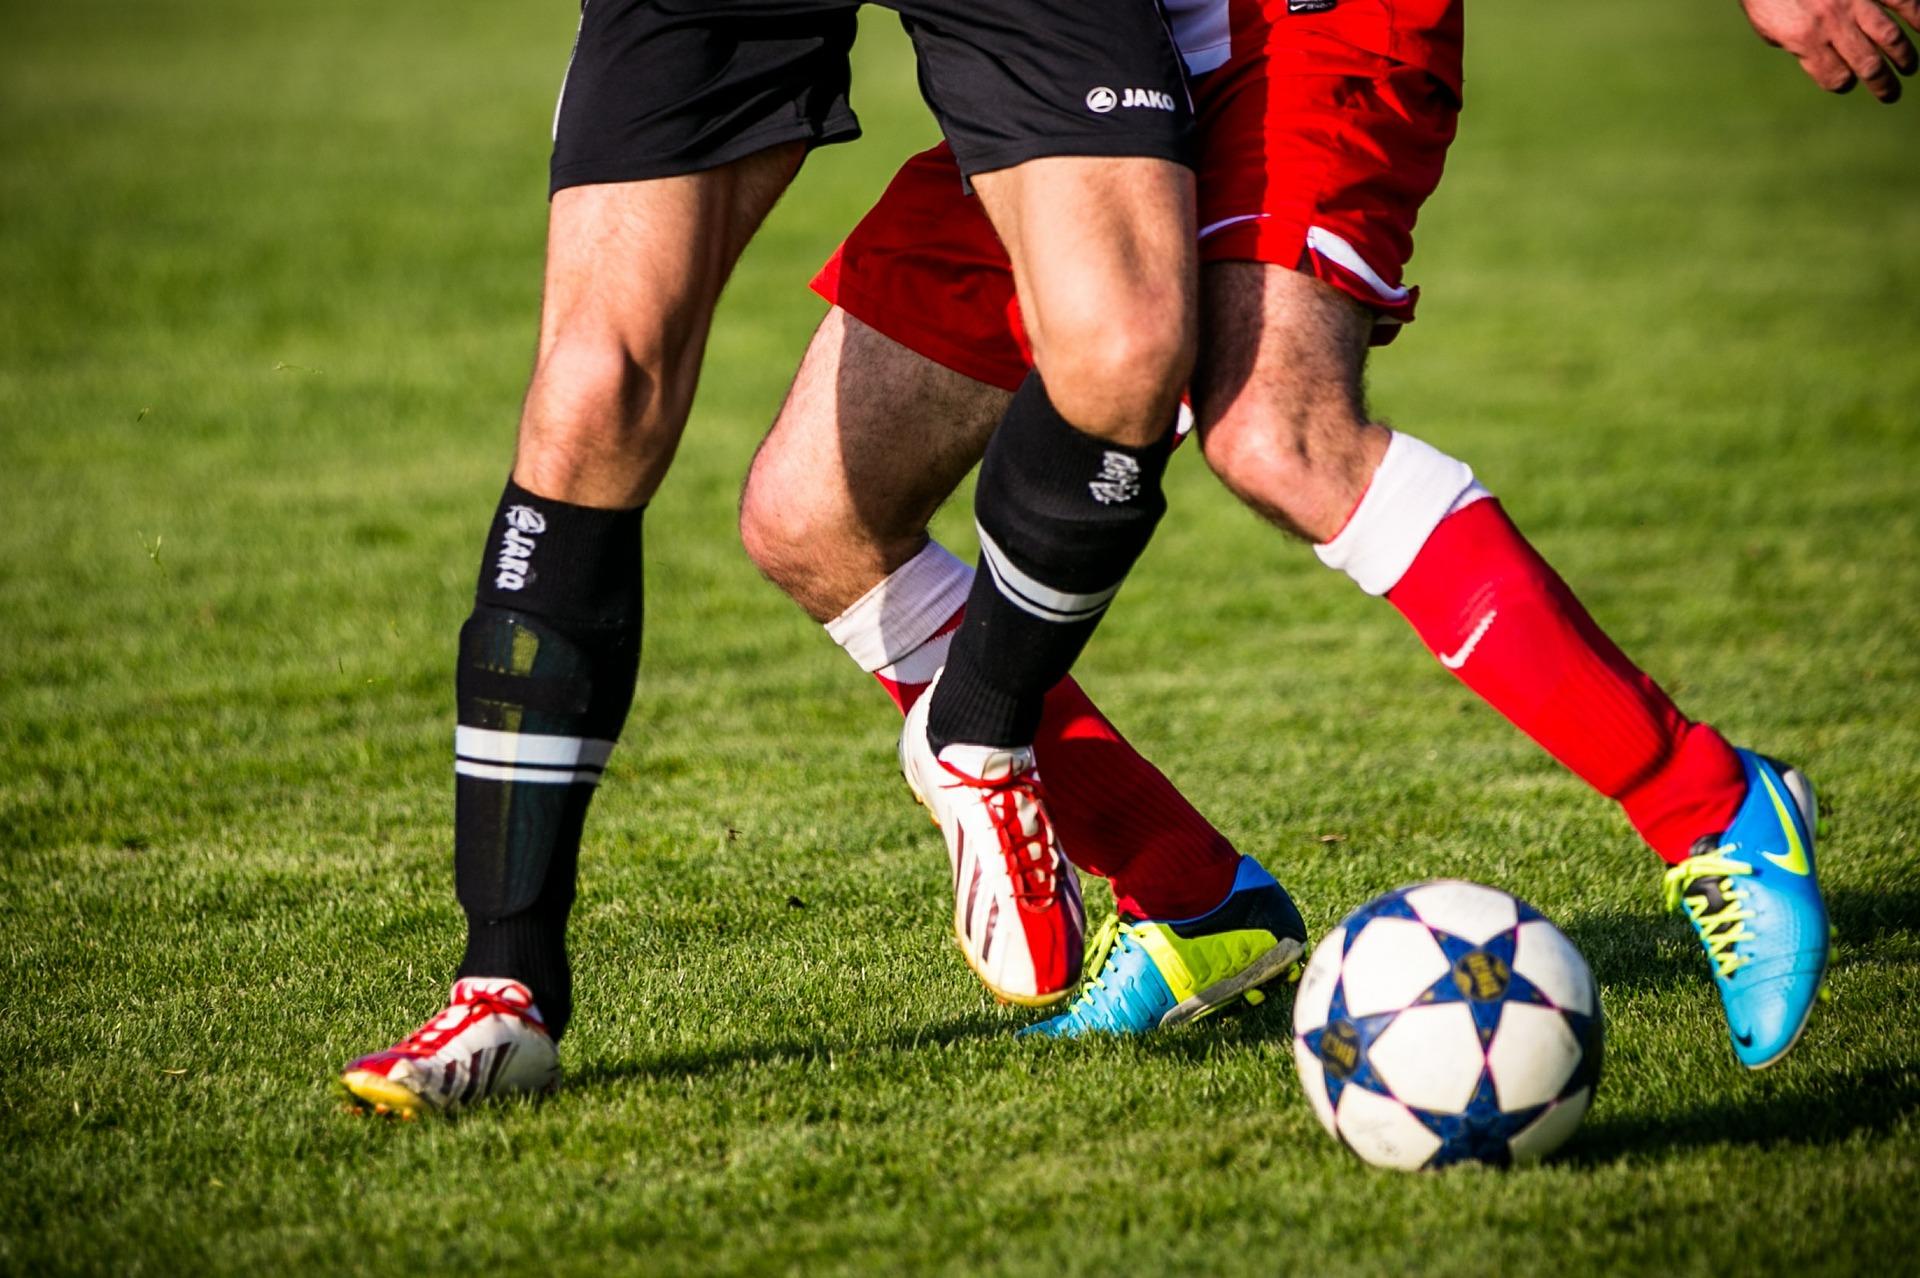 サッカーボールを取り合う2名の選手